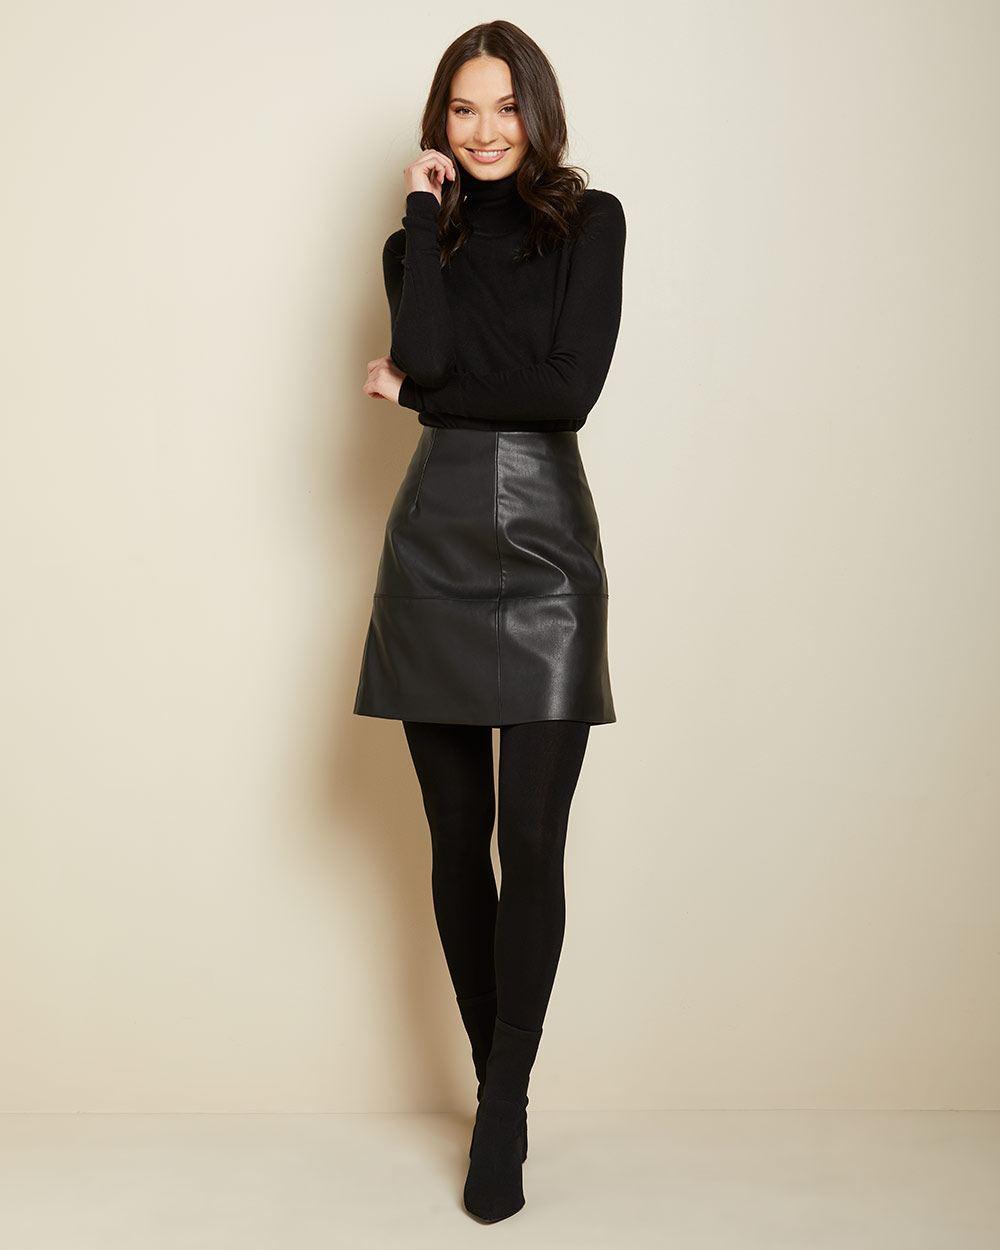 RW & Co. Black Fleece Tights